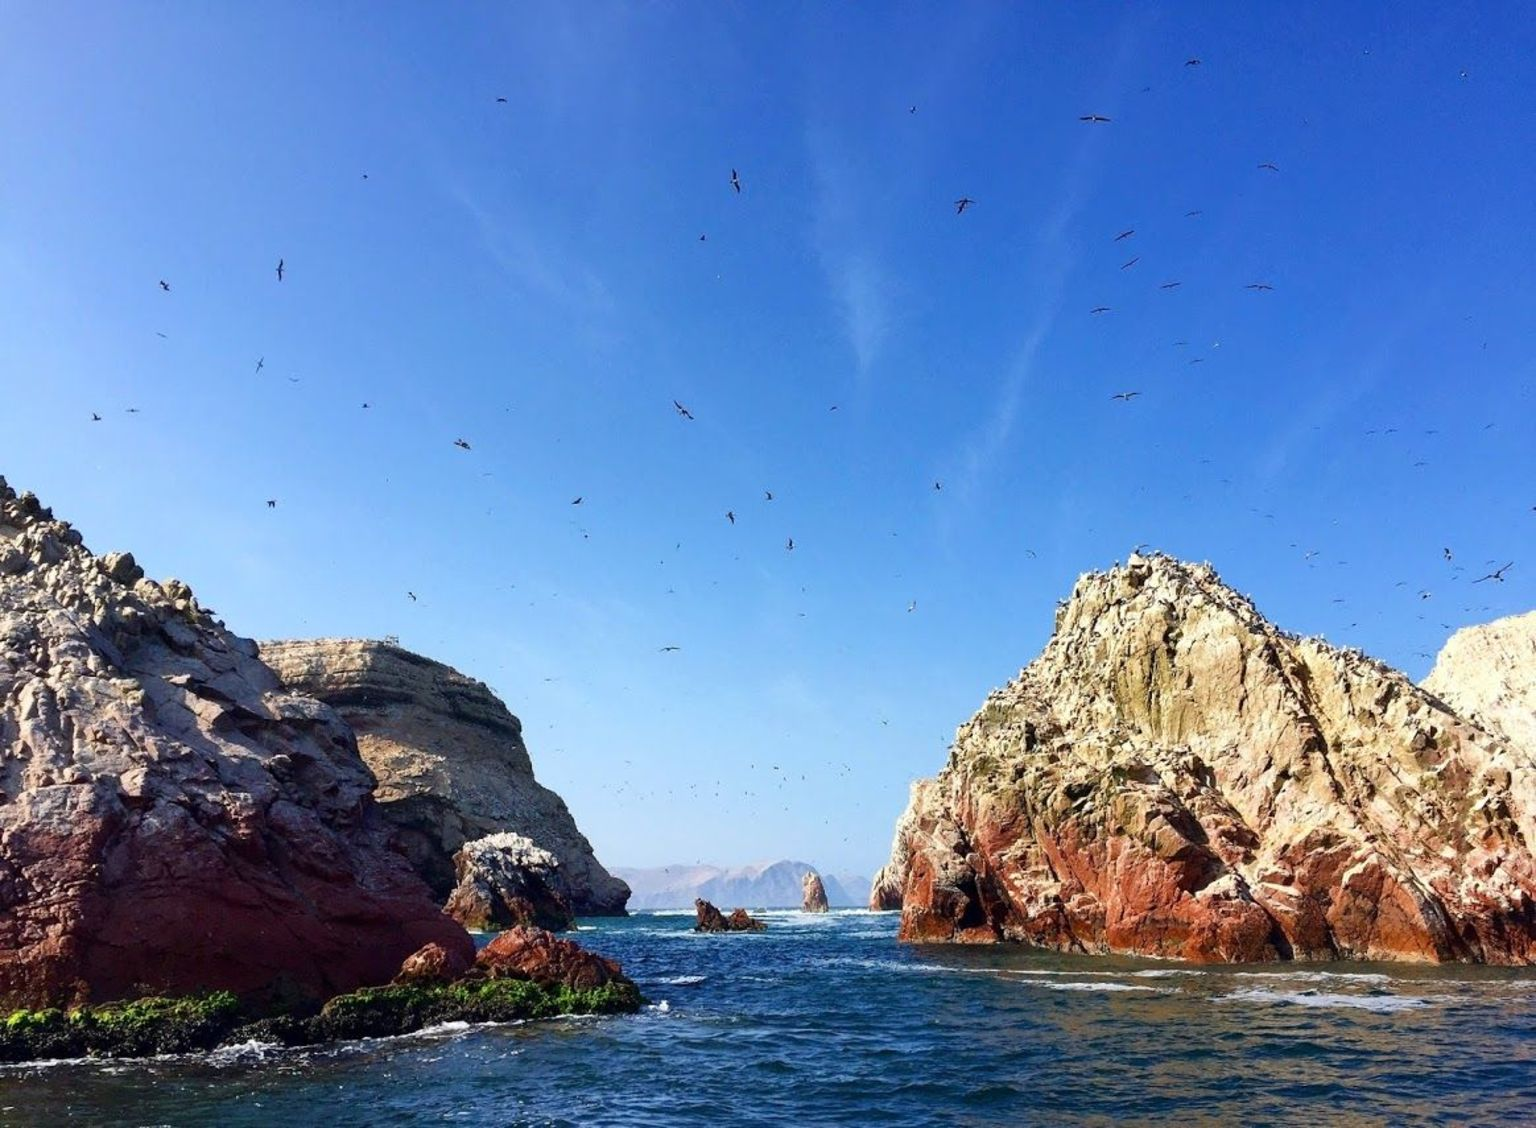 MAIS FOTOS, Viagem diurna pelas Ilhas Ballestas e pela Reserva Nacional de Paracas saindo de Paracas